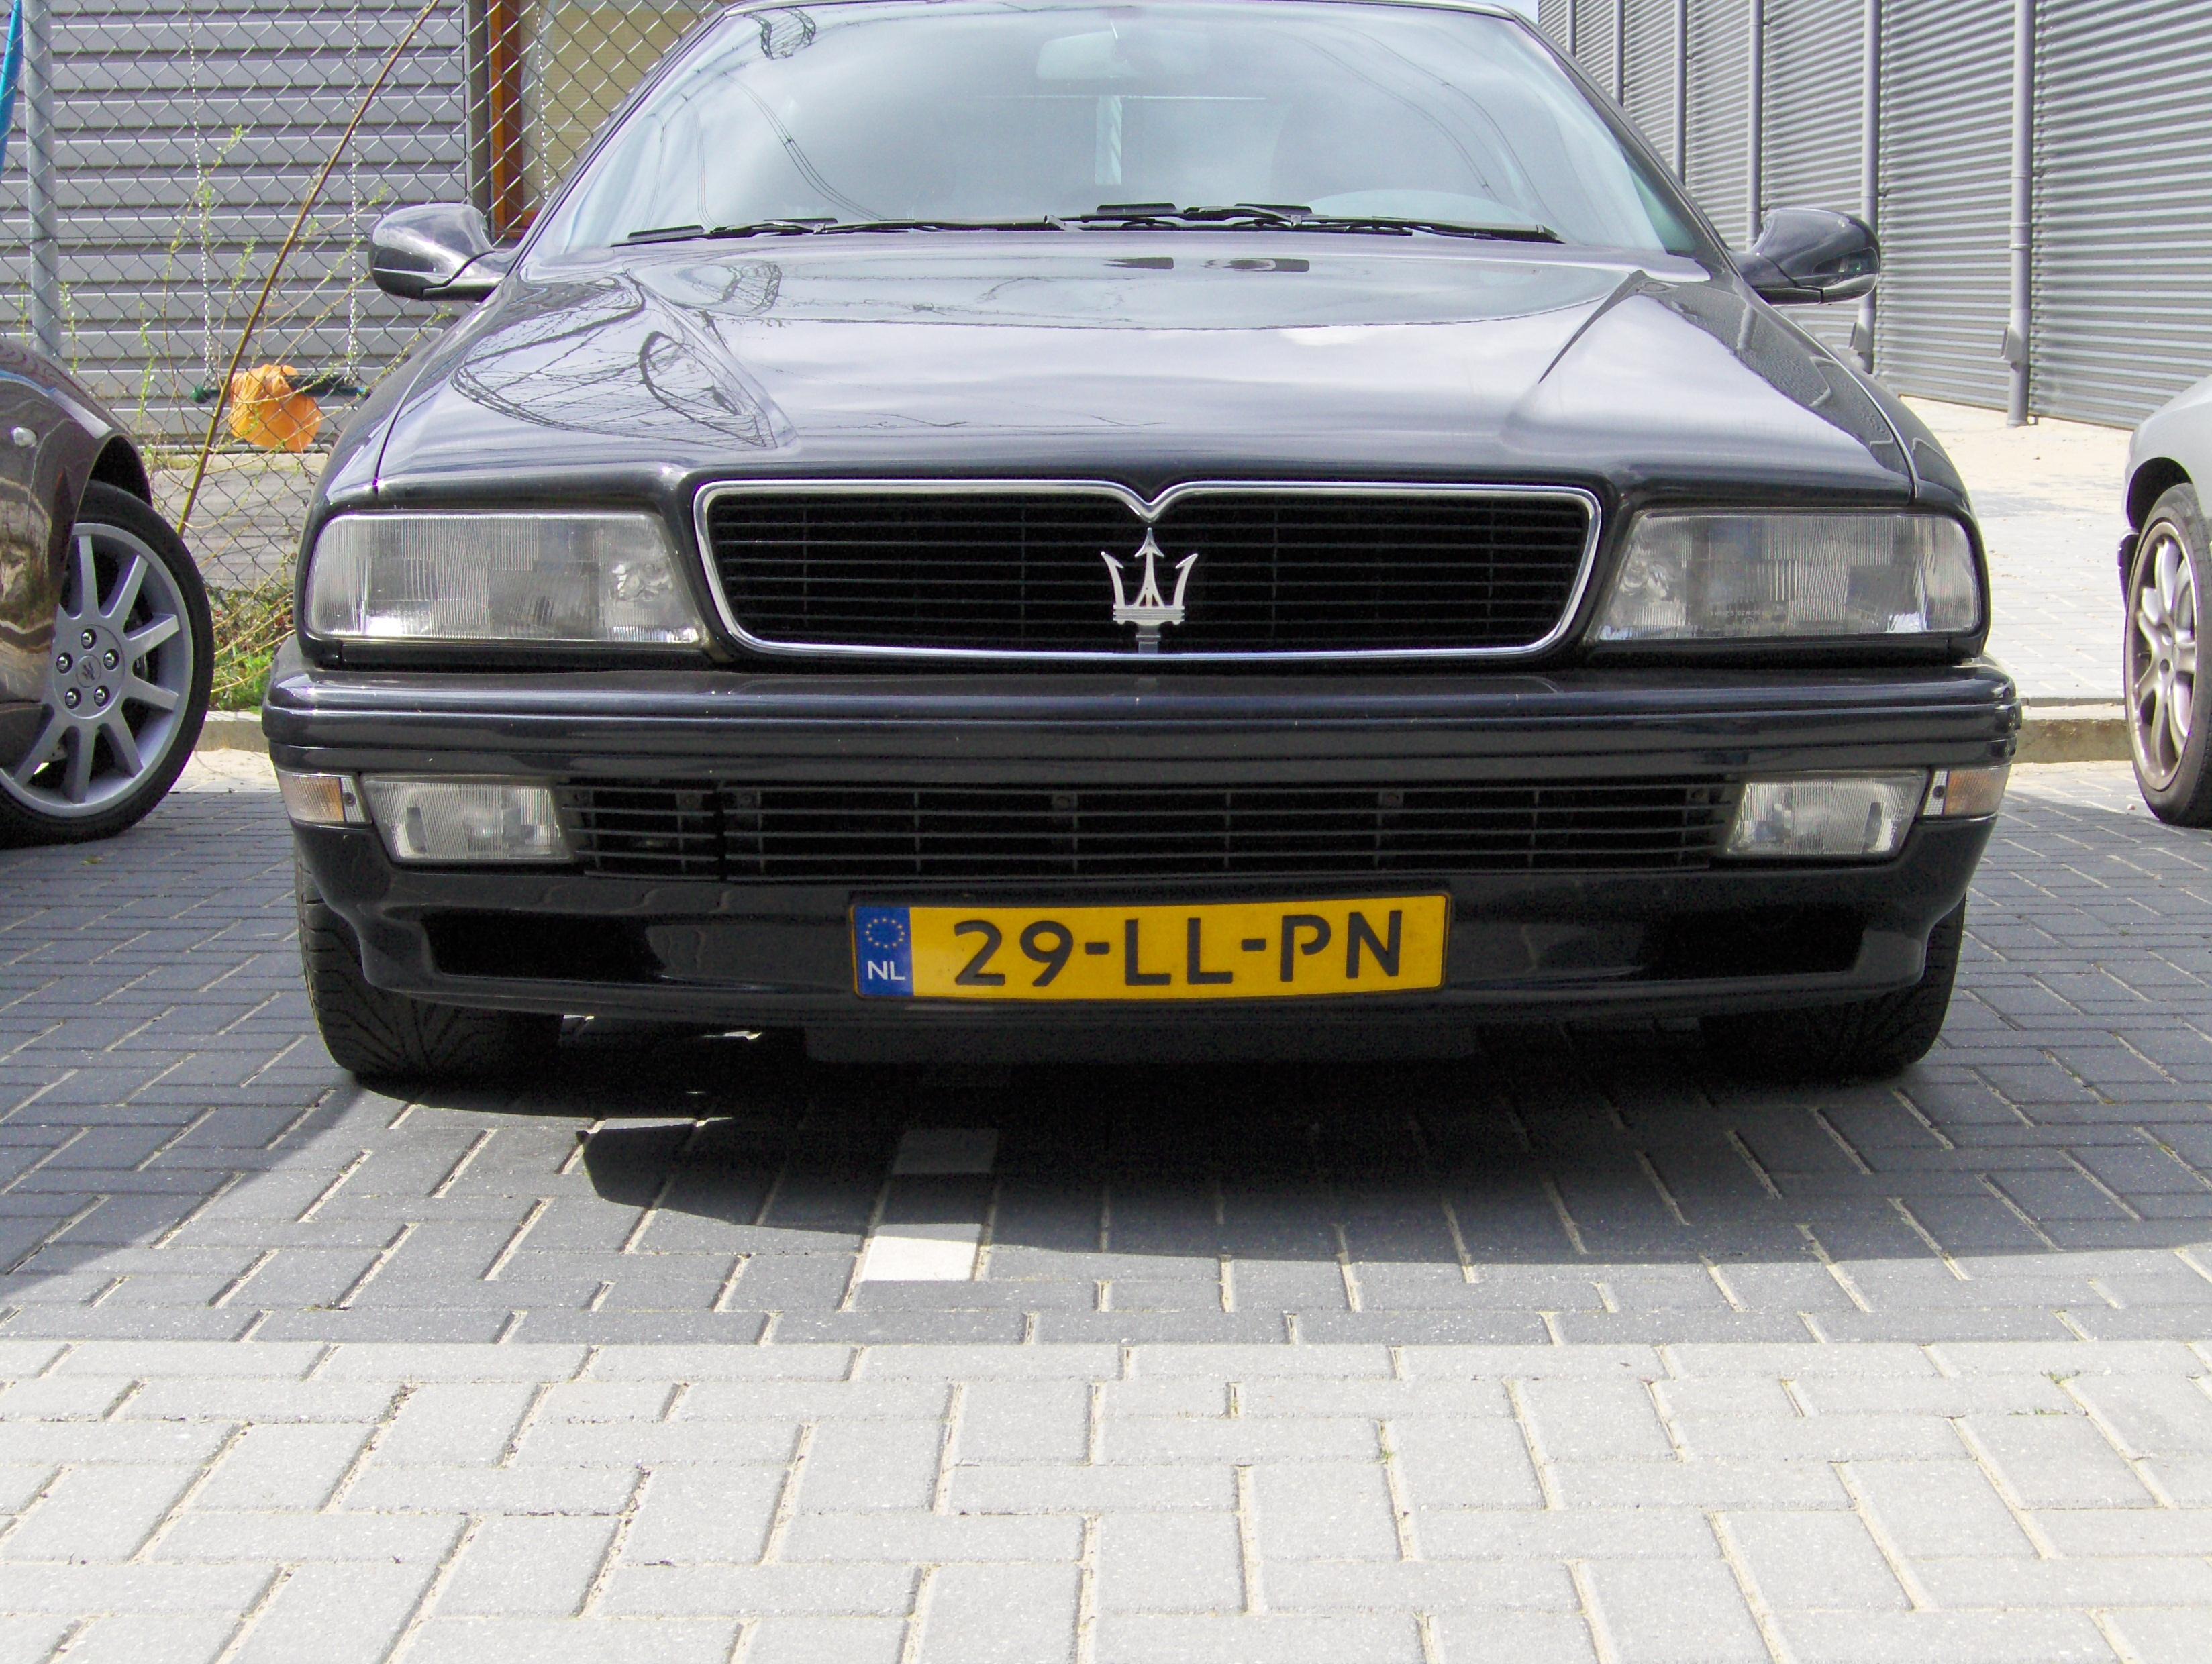 HPIM0640.JPG